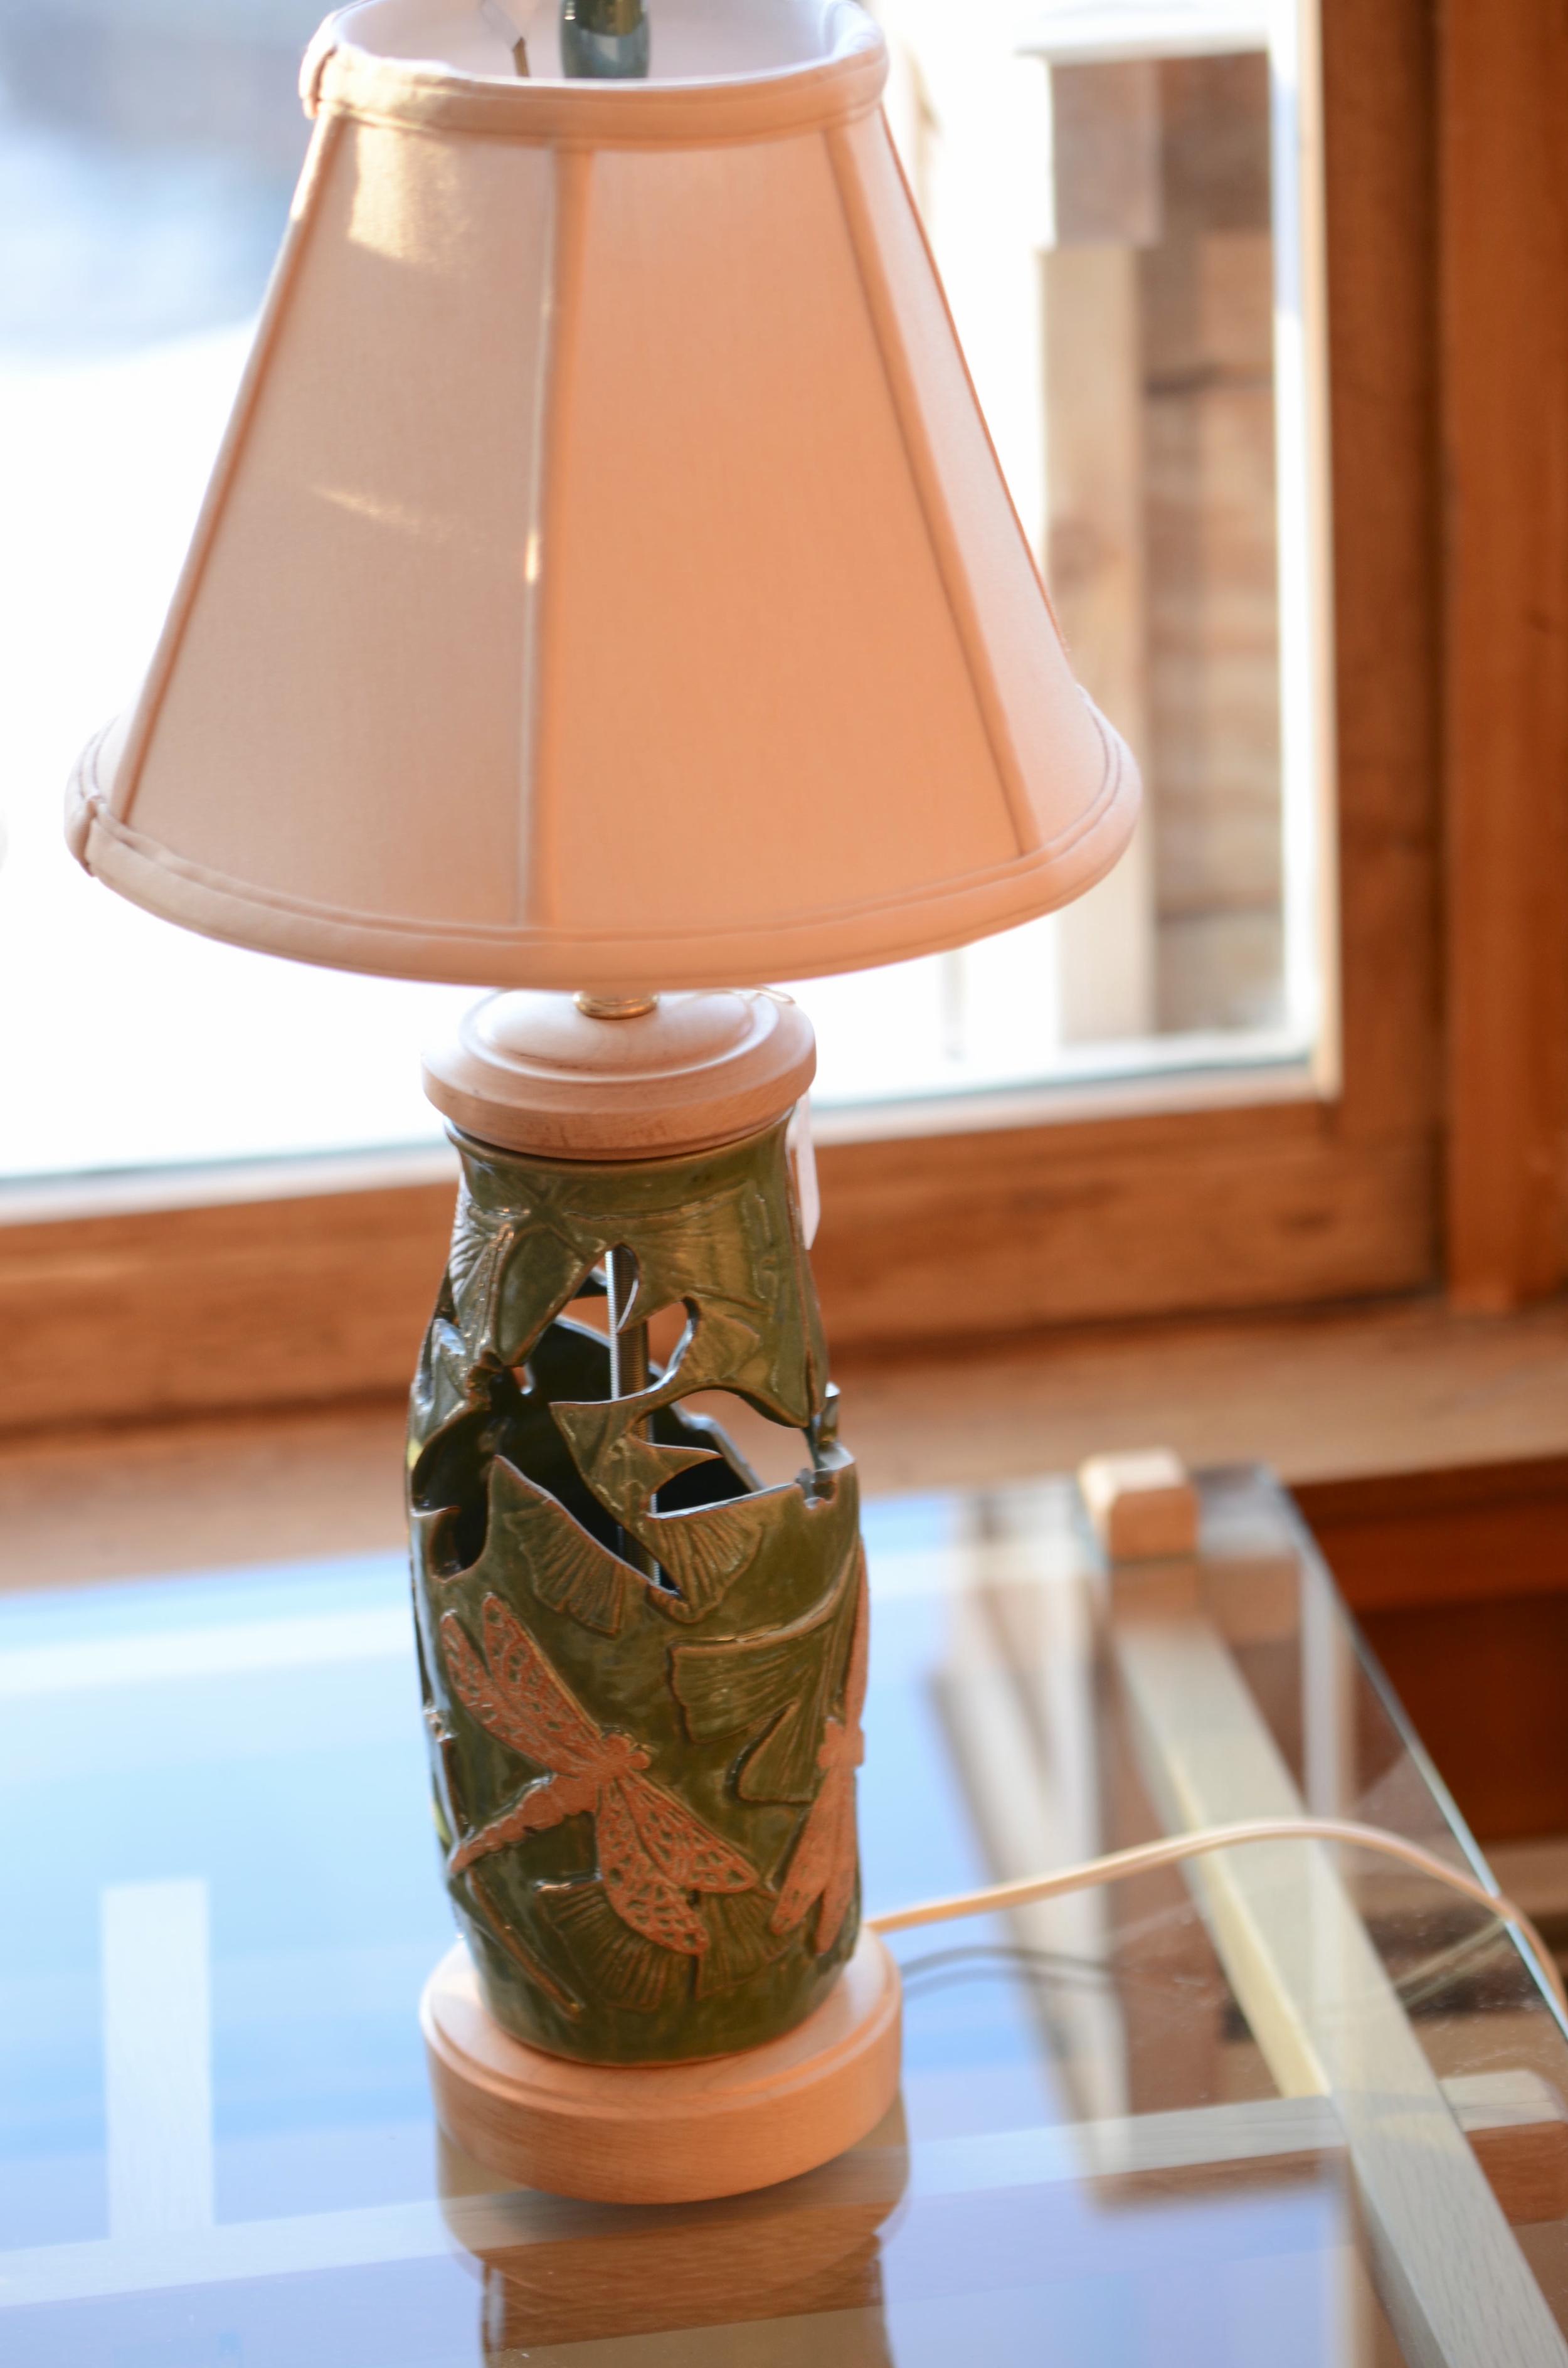 Dragonfly lamp. Photo by Karen Kopacz.